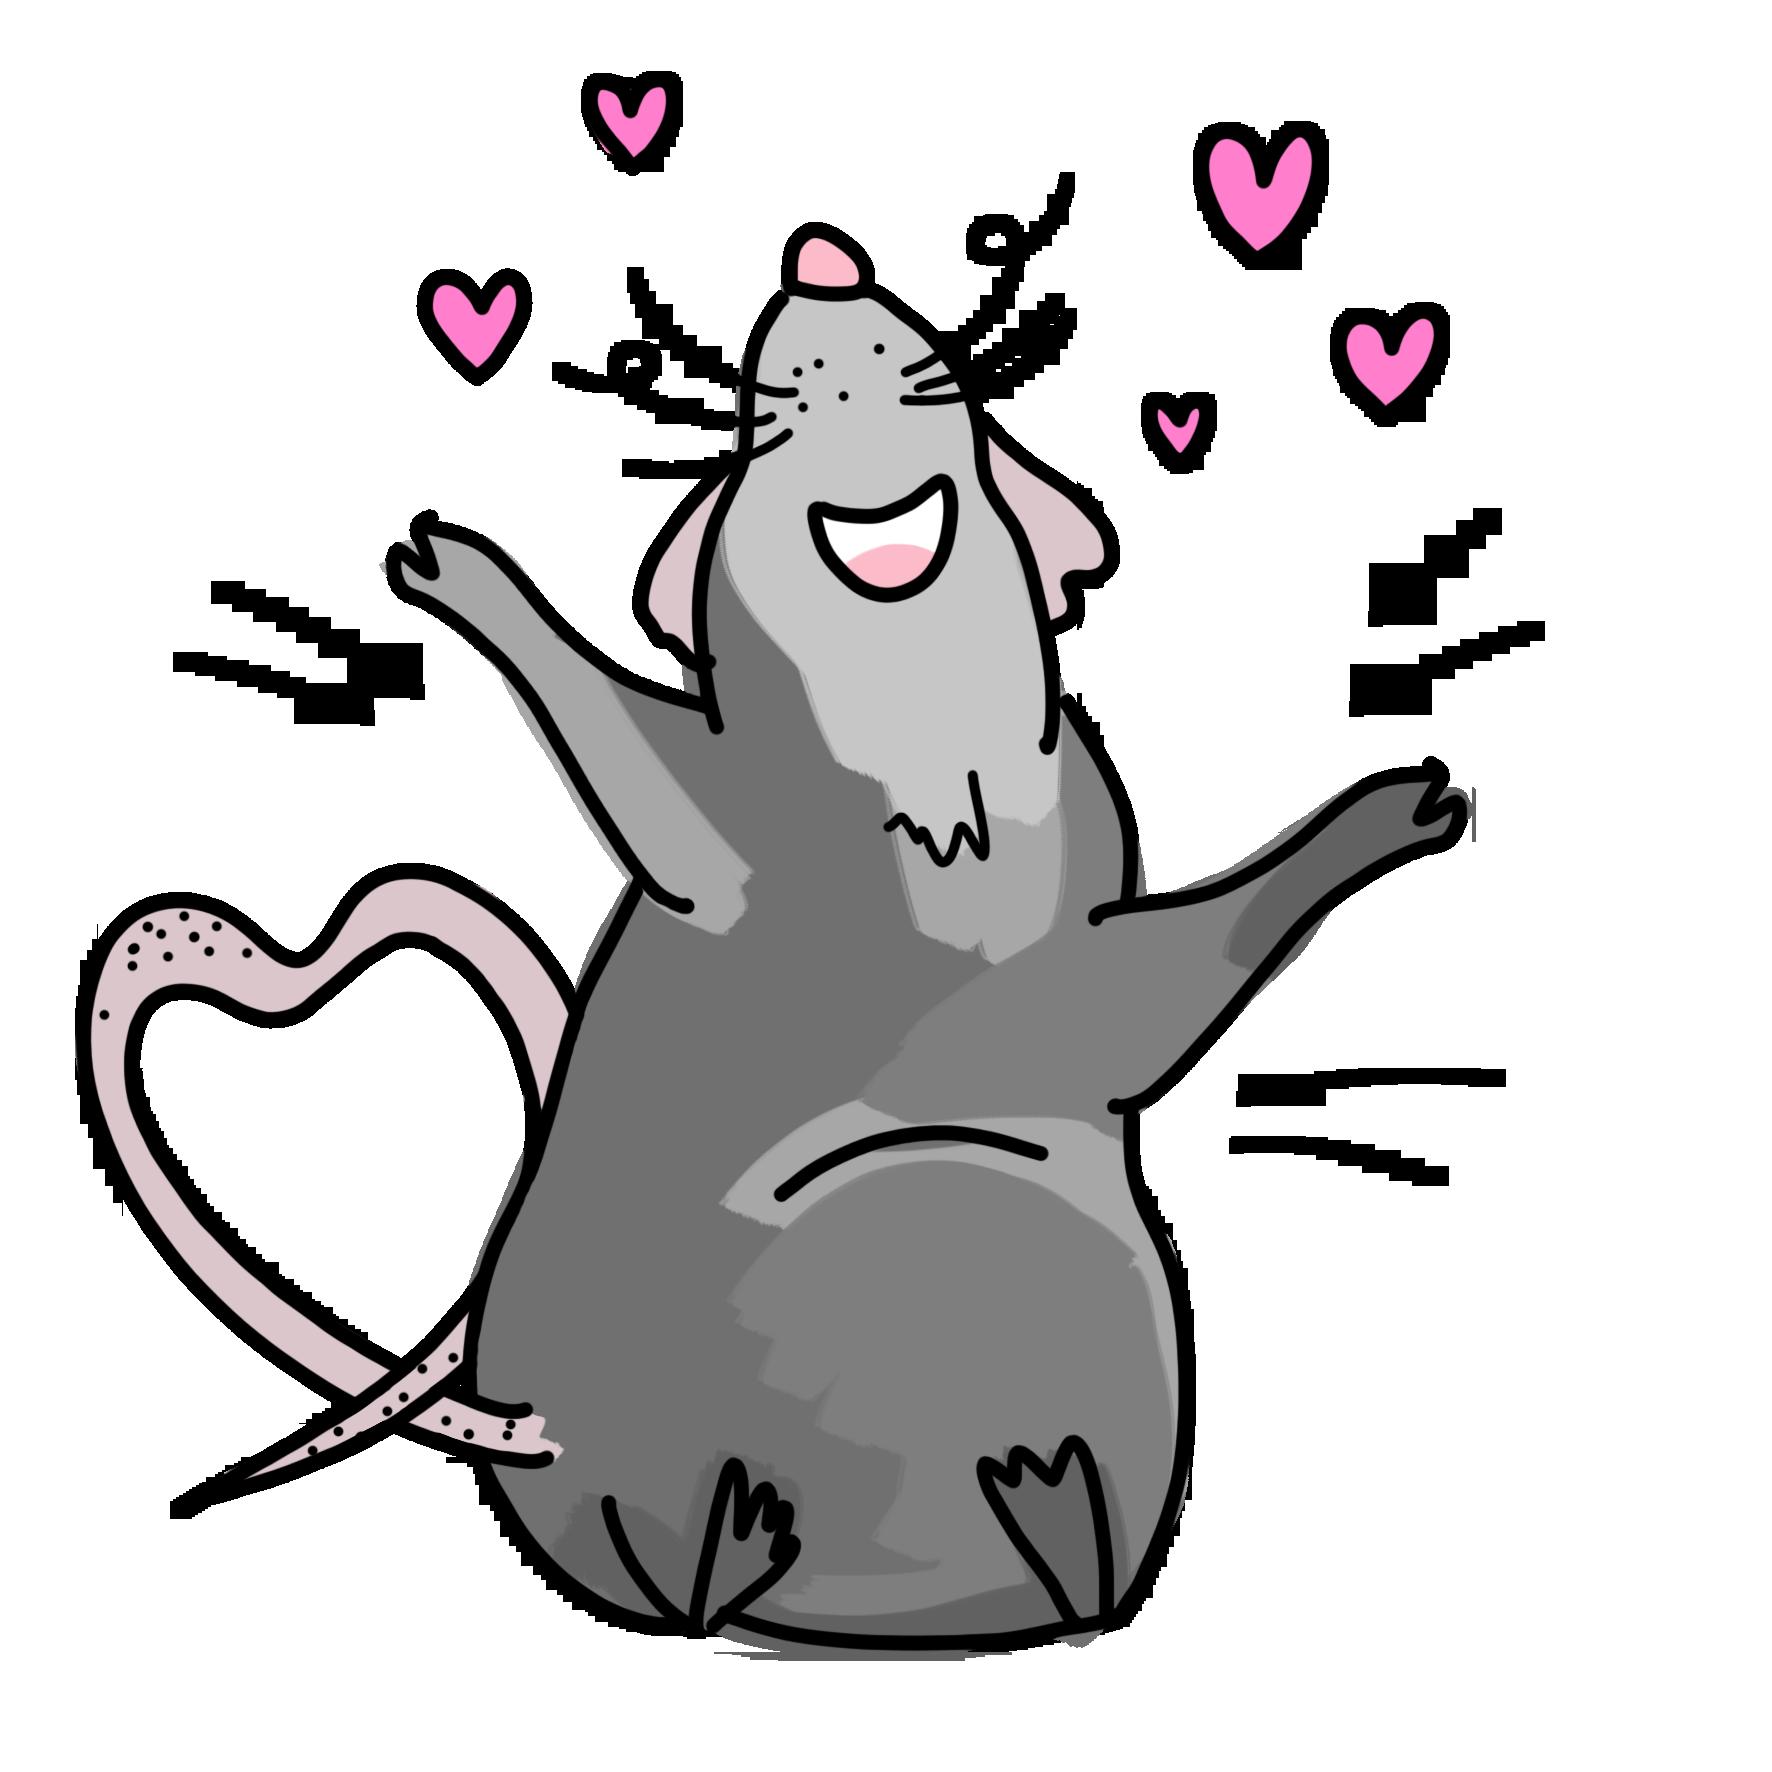 картинки прикольных крыс в векторе чемпион мира